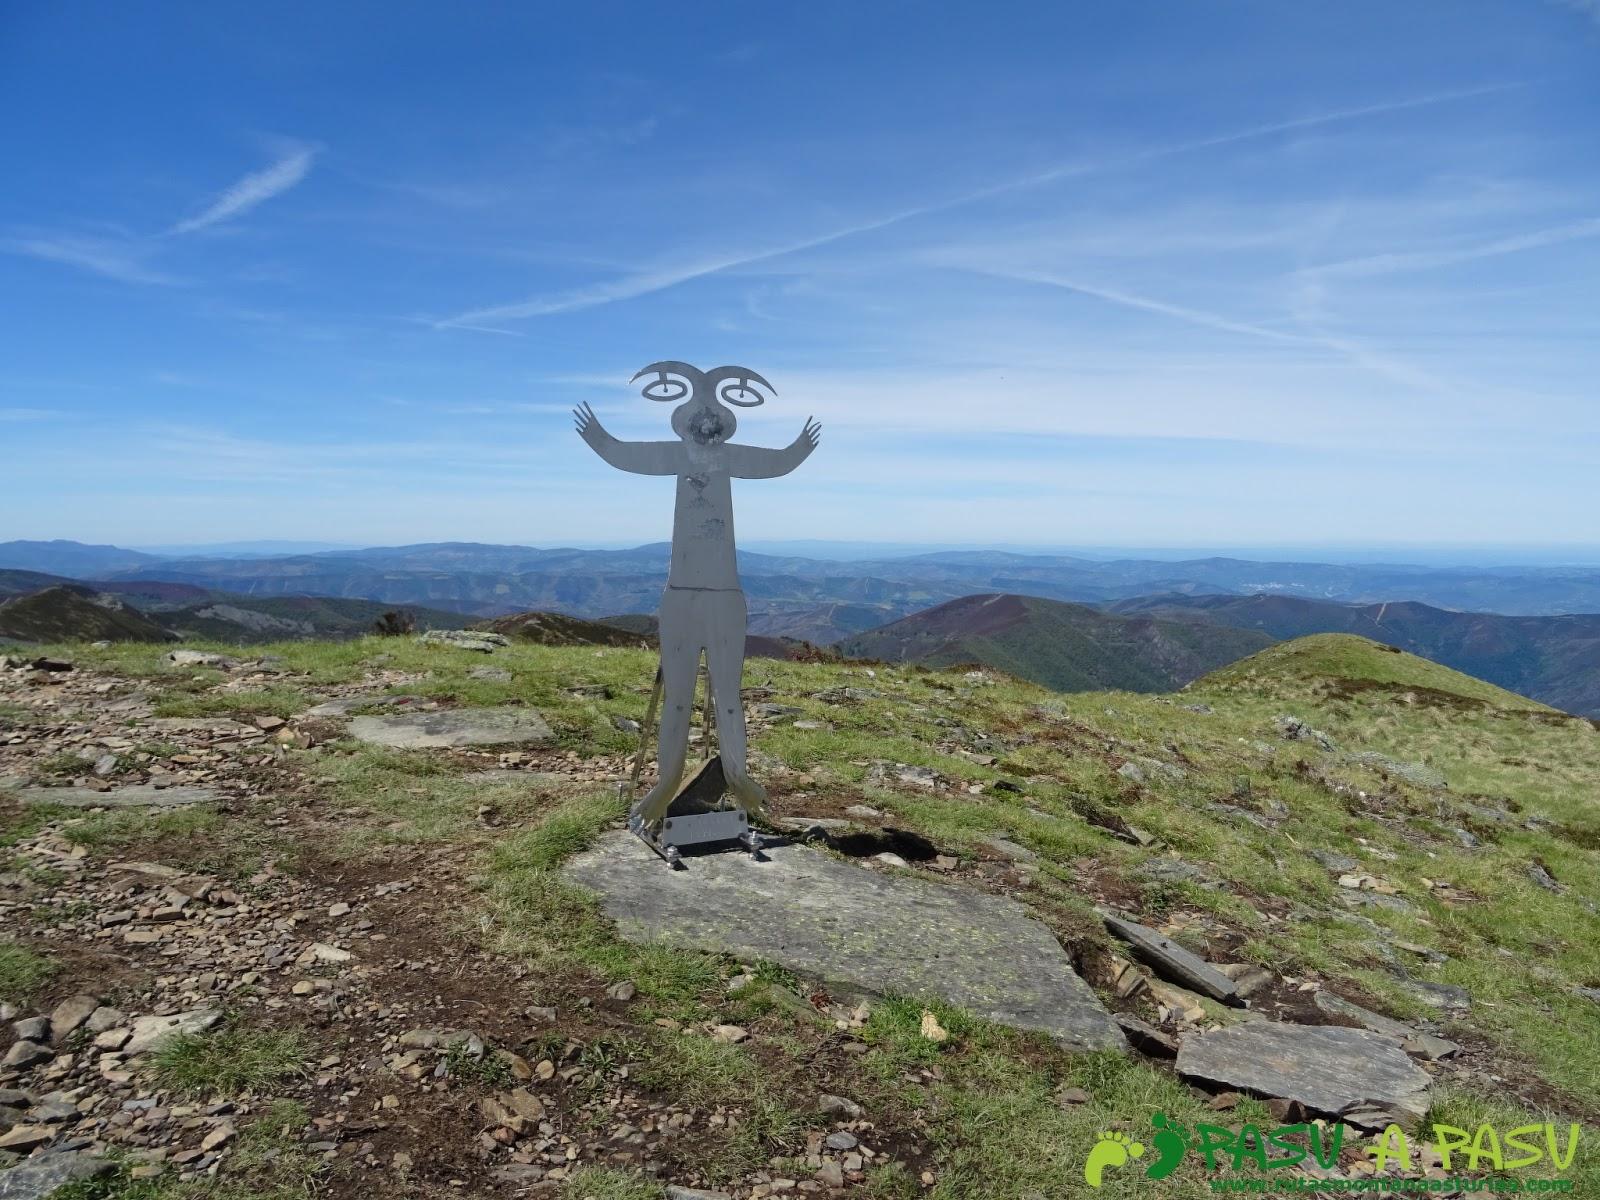 Buzón de cima del Pico Mustallar, techo de la Provincia de Lugo en Los Ancares